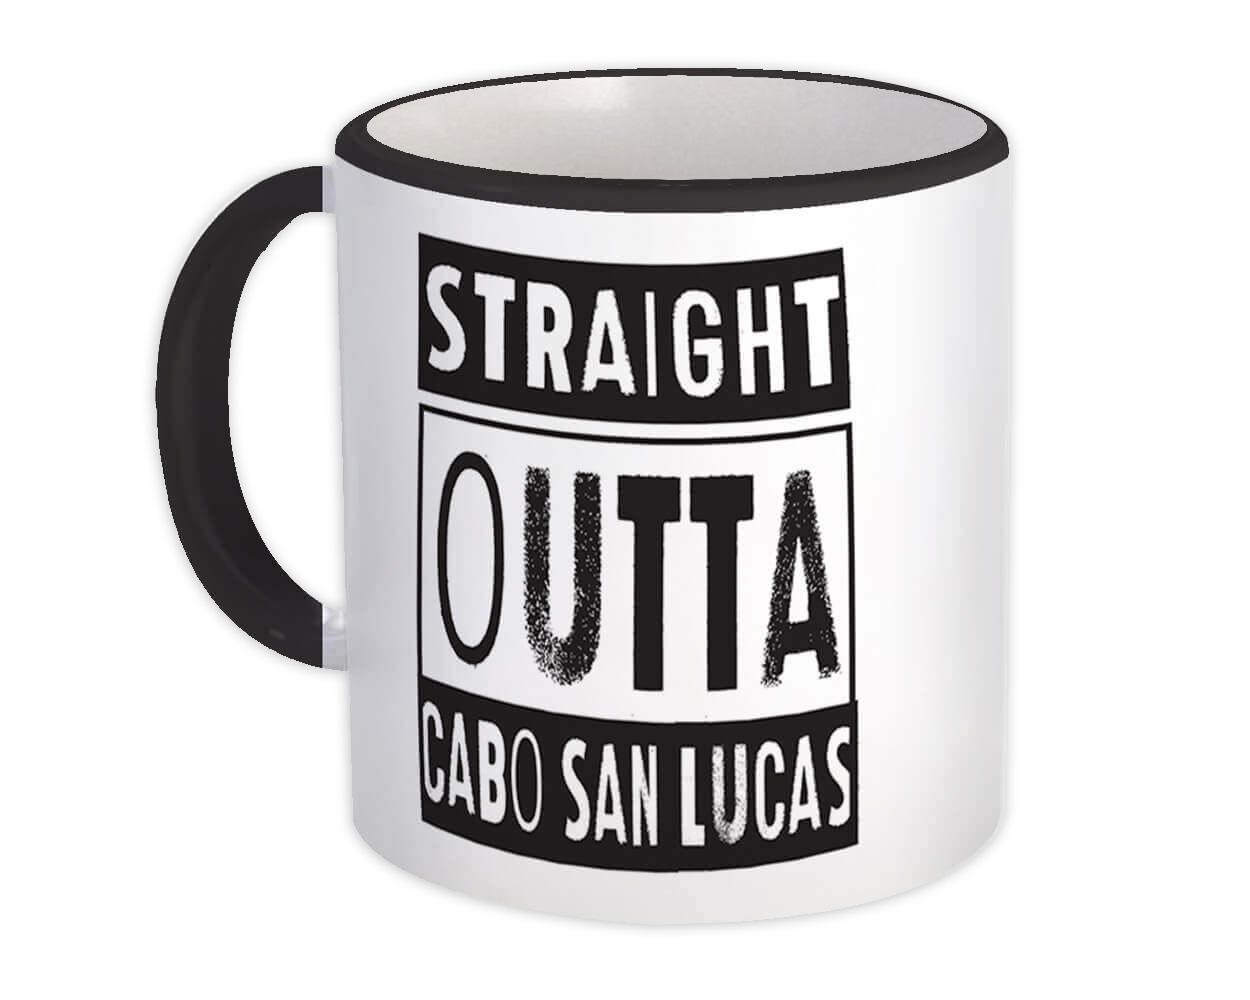 Straight Outta Cabo San Lucas : Gift Mug Beach Travel Souvenir Country Mexico